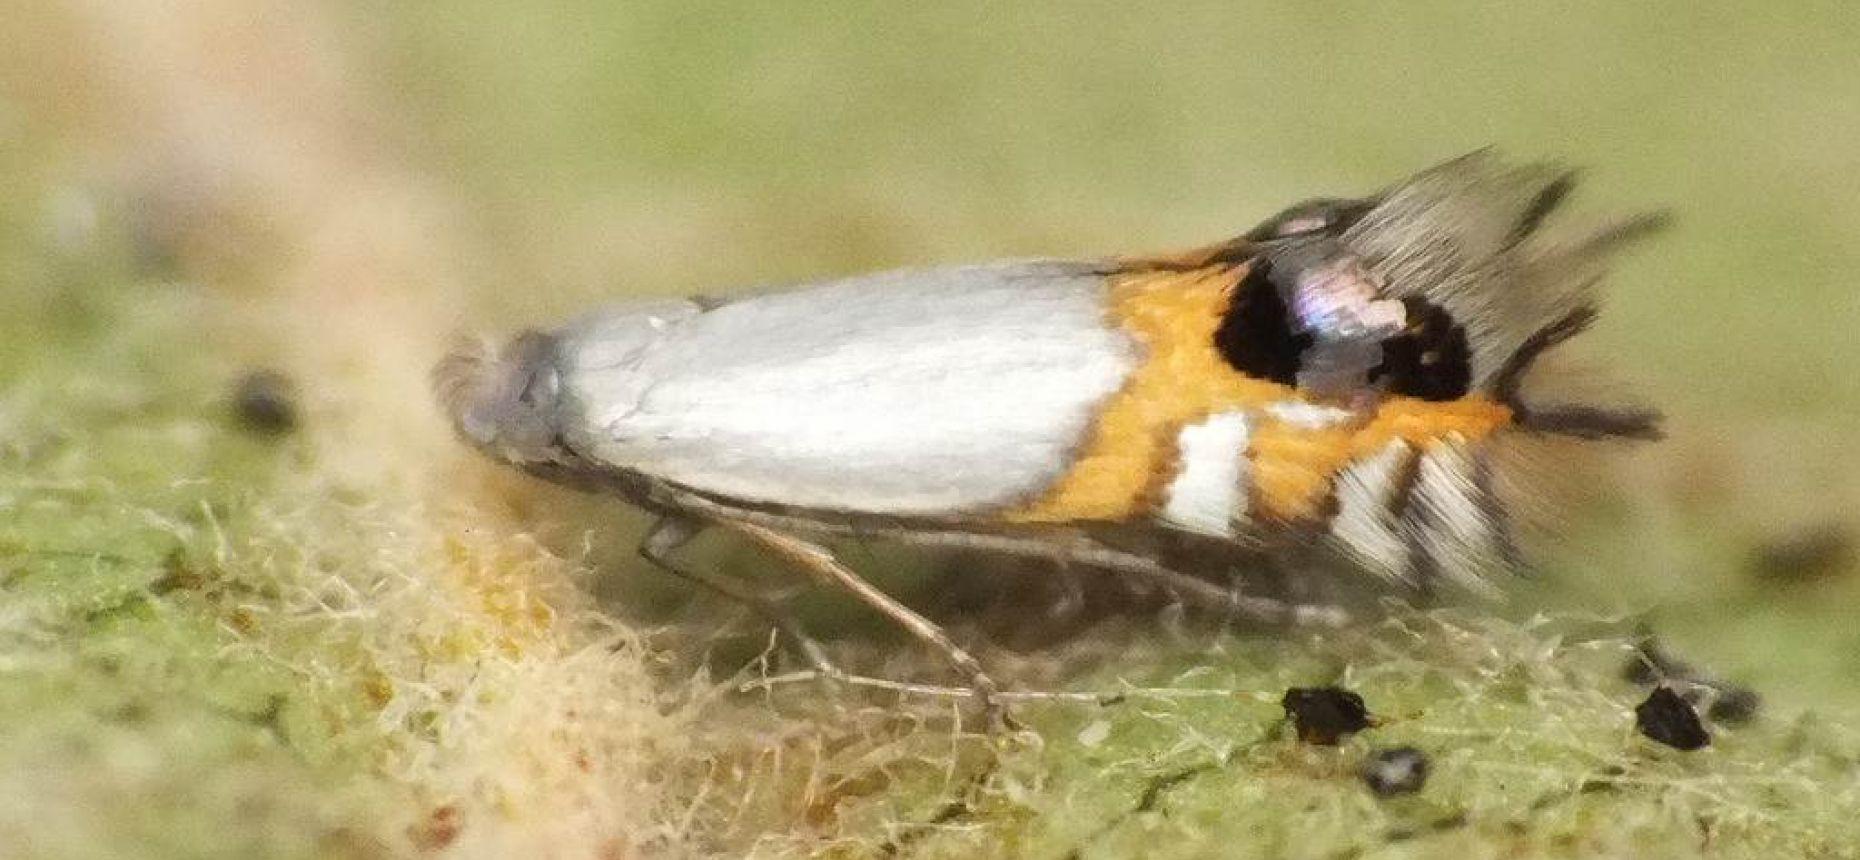 Кружковая моль-минер - Leucoptera malifoliella (Costa)